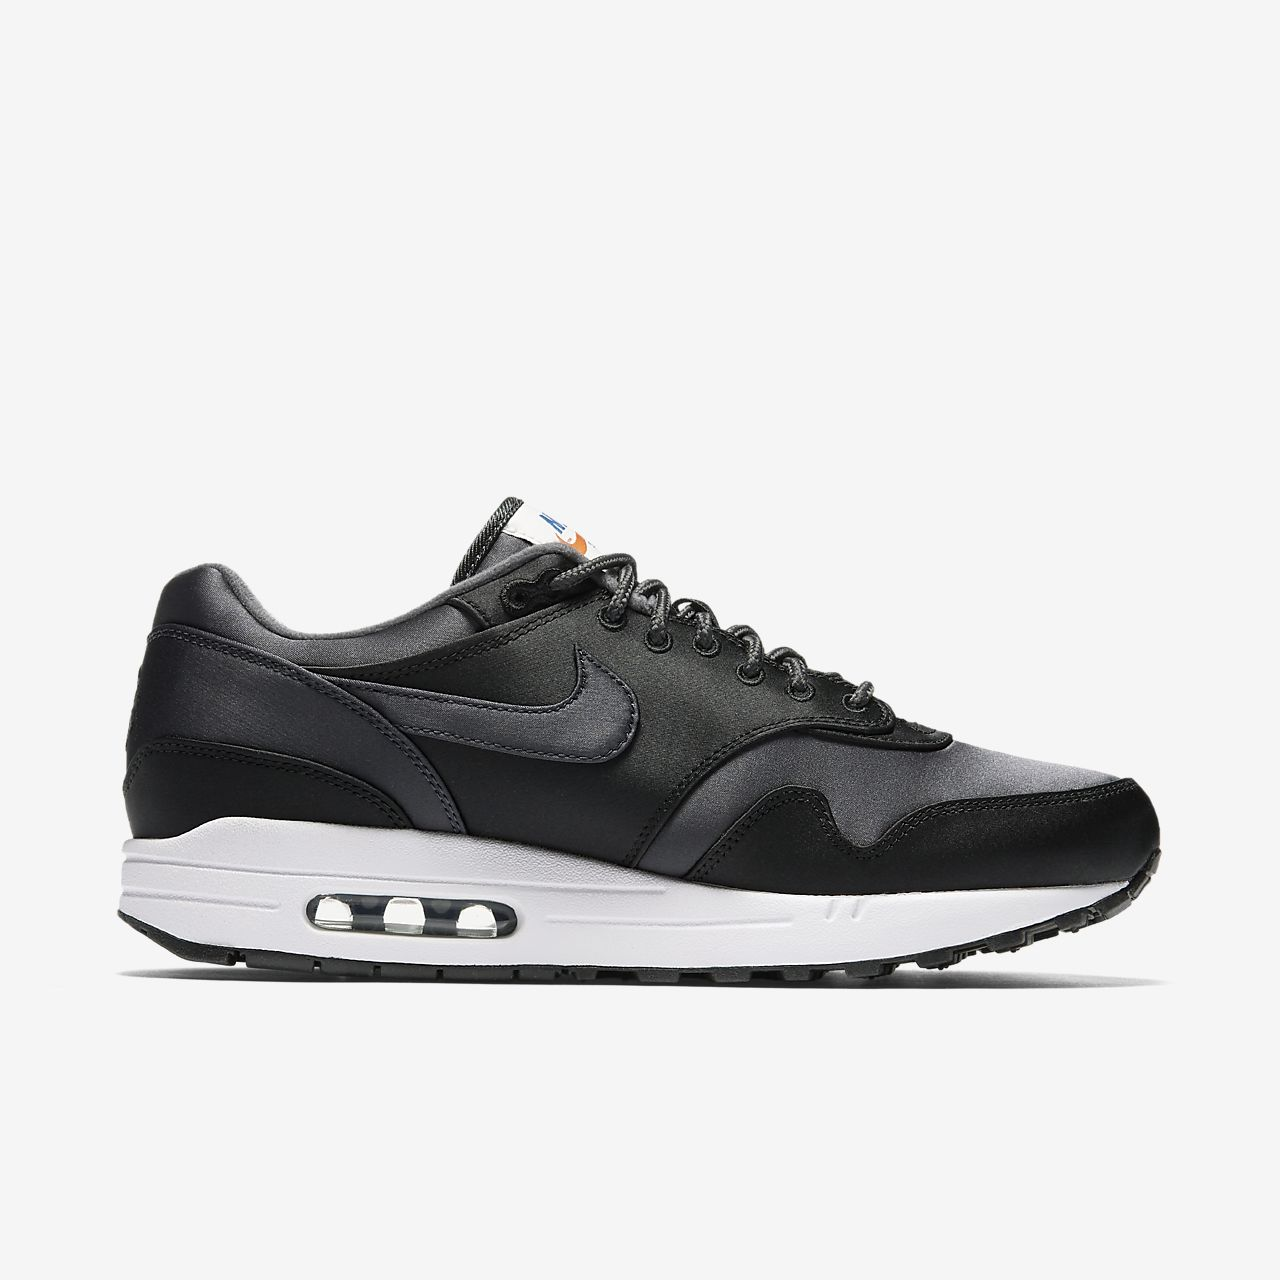 Nike Men's Air Max 1 Se Sneaker B2sH8kFb9